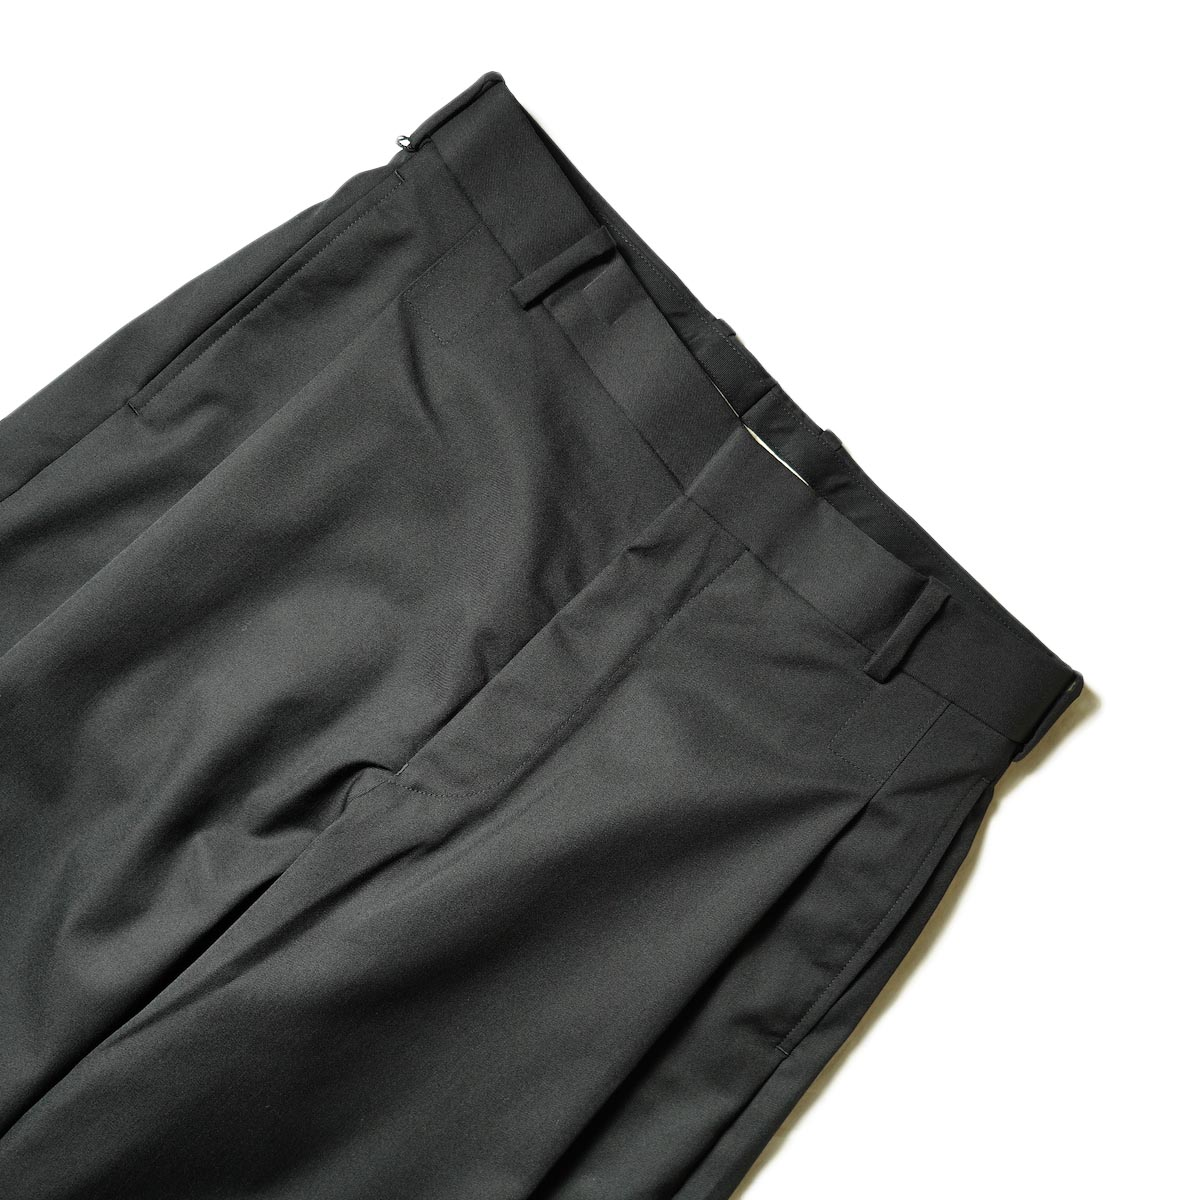 N.HOOLYWOOD / 2212-PT25-022 1TUCK SLACKS (Black)ウエスト